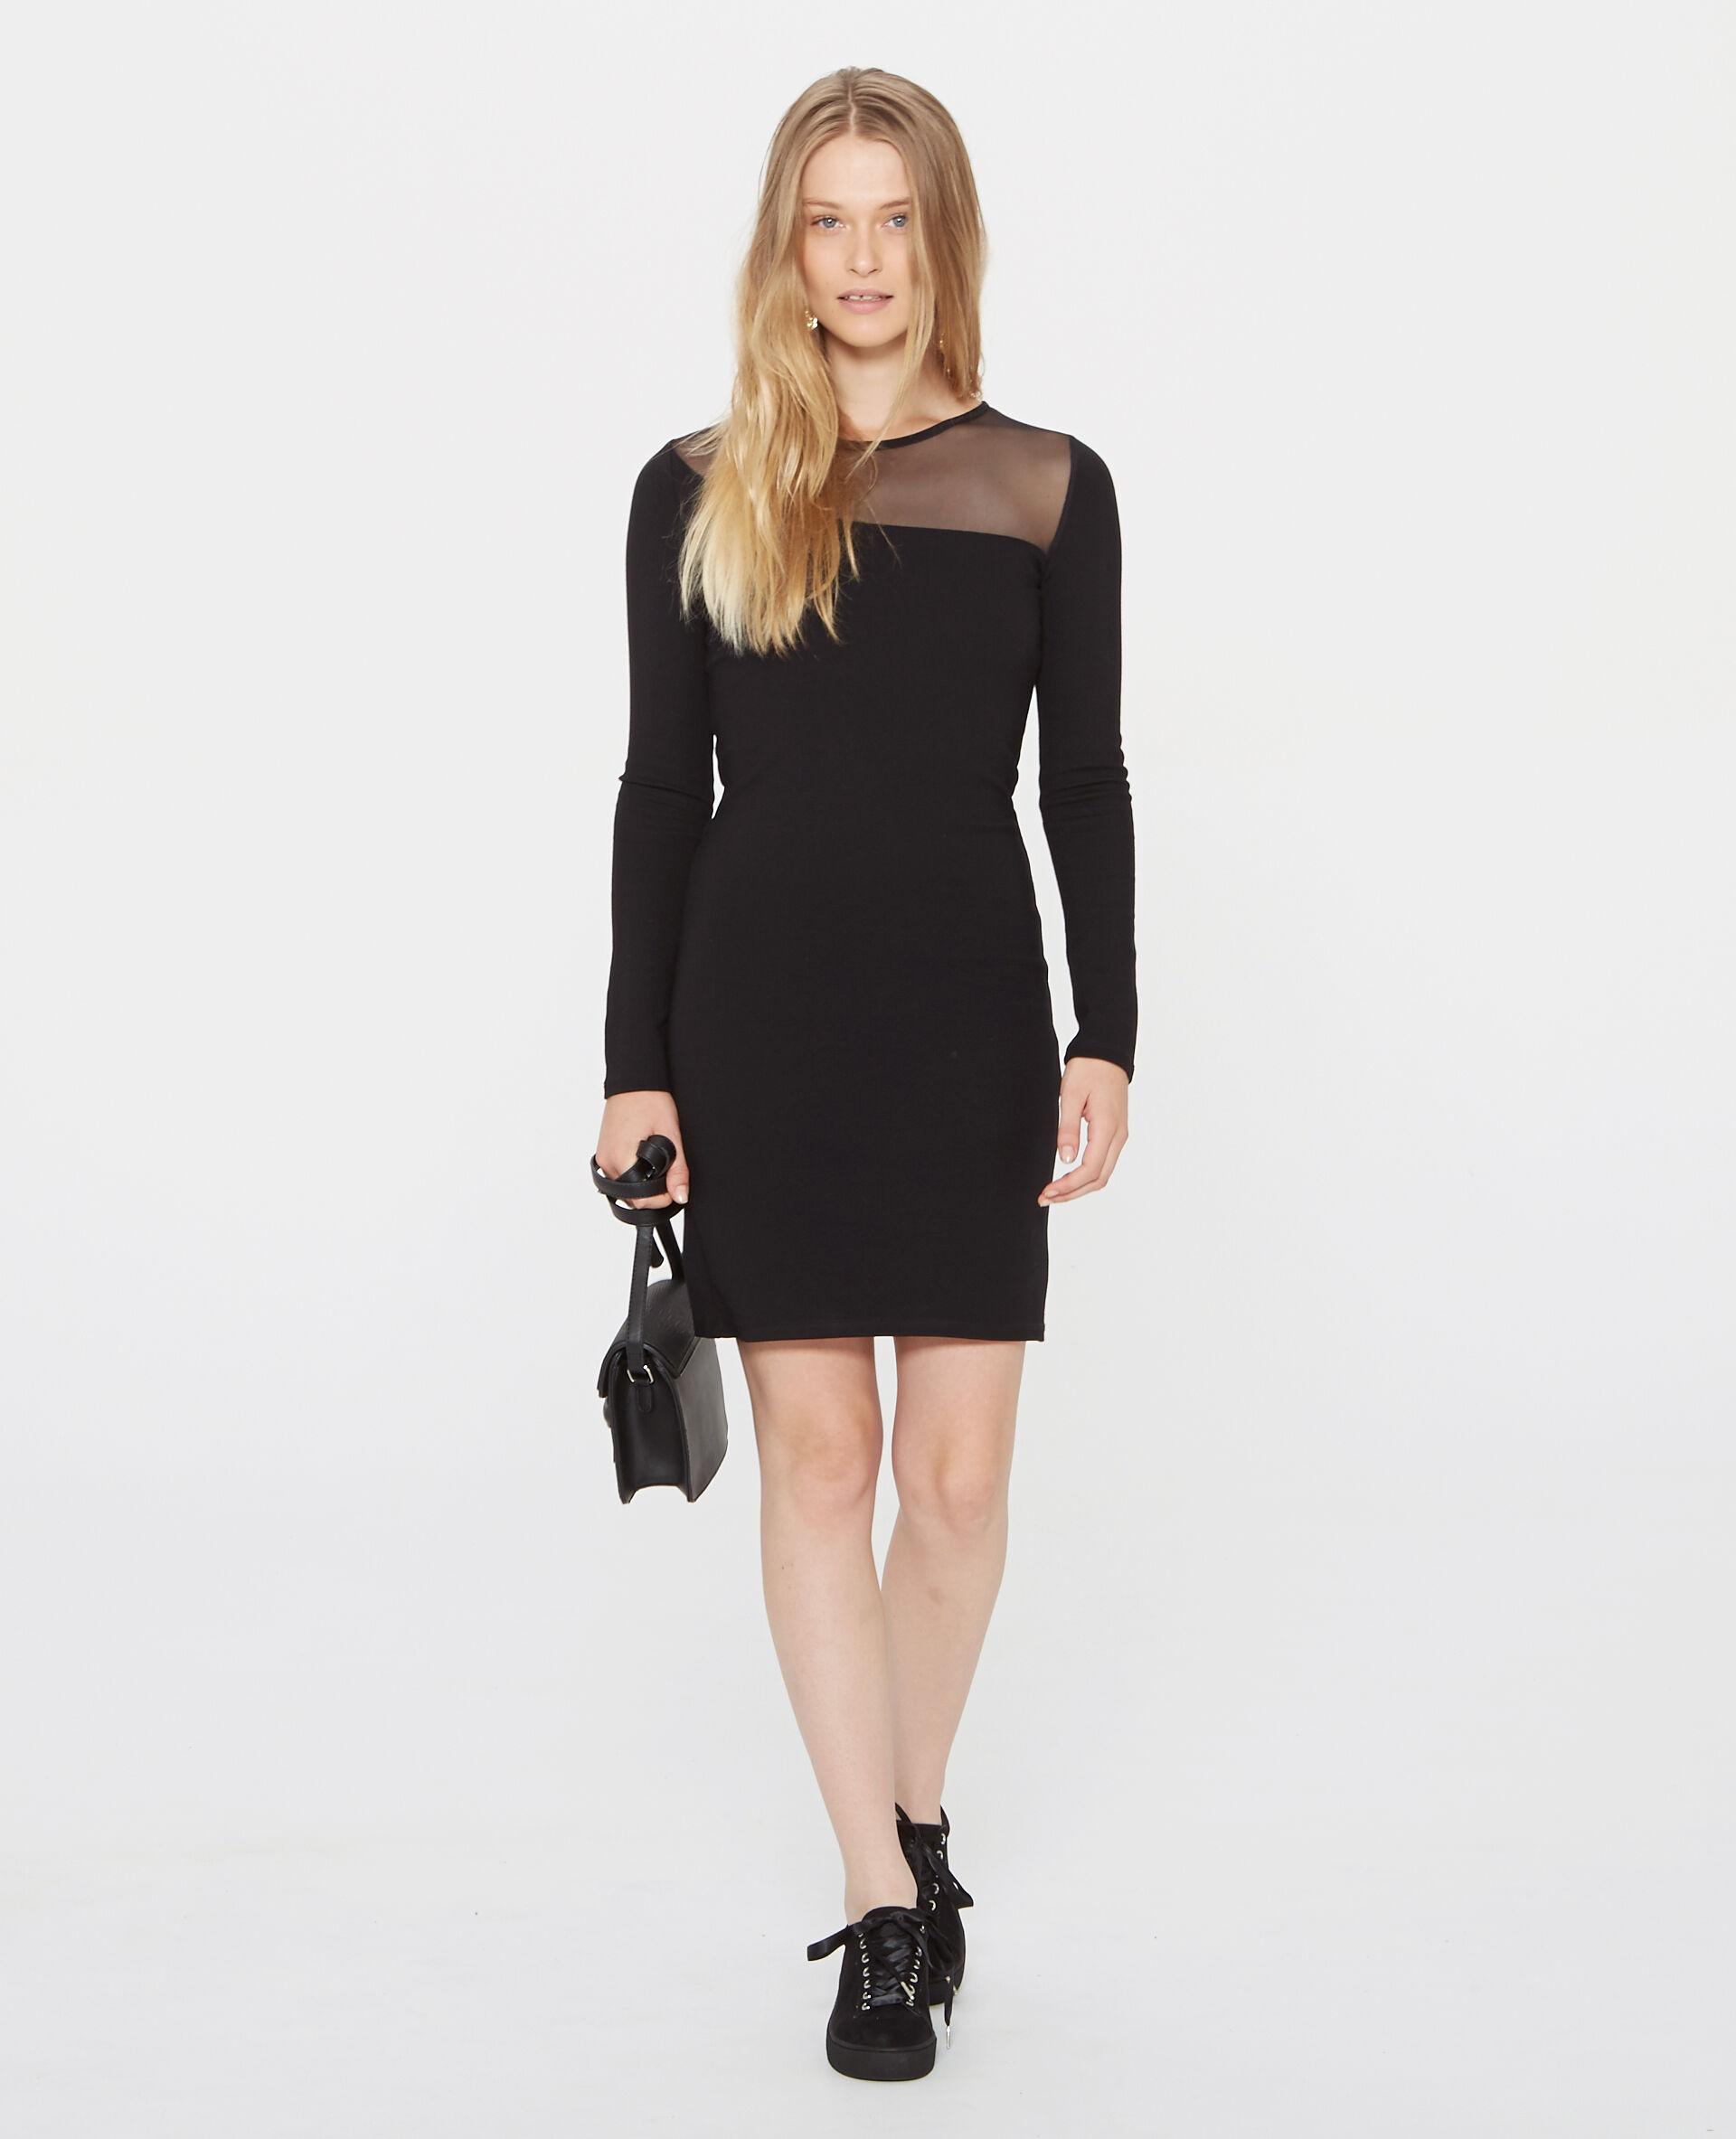 155556badff6 Quelles chaussures avec une robe moulante – Modèles populaires de robes